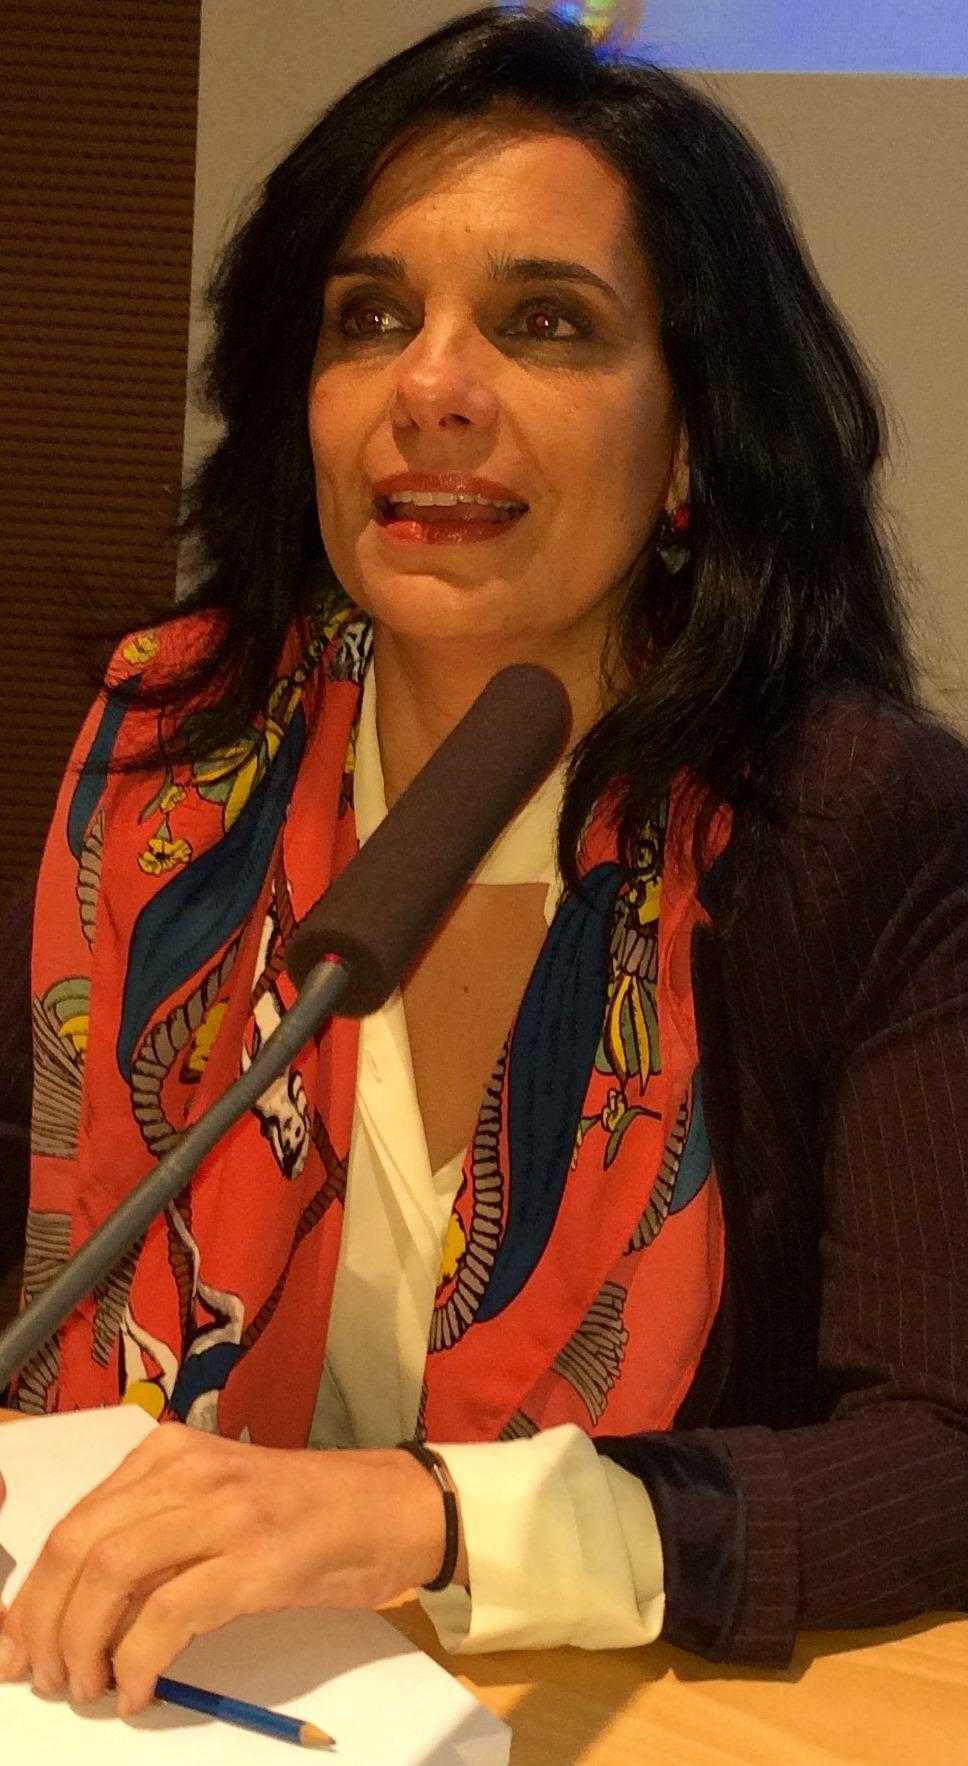 Paloma tris